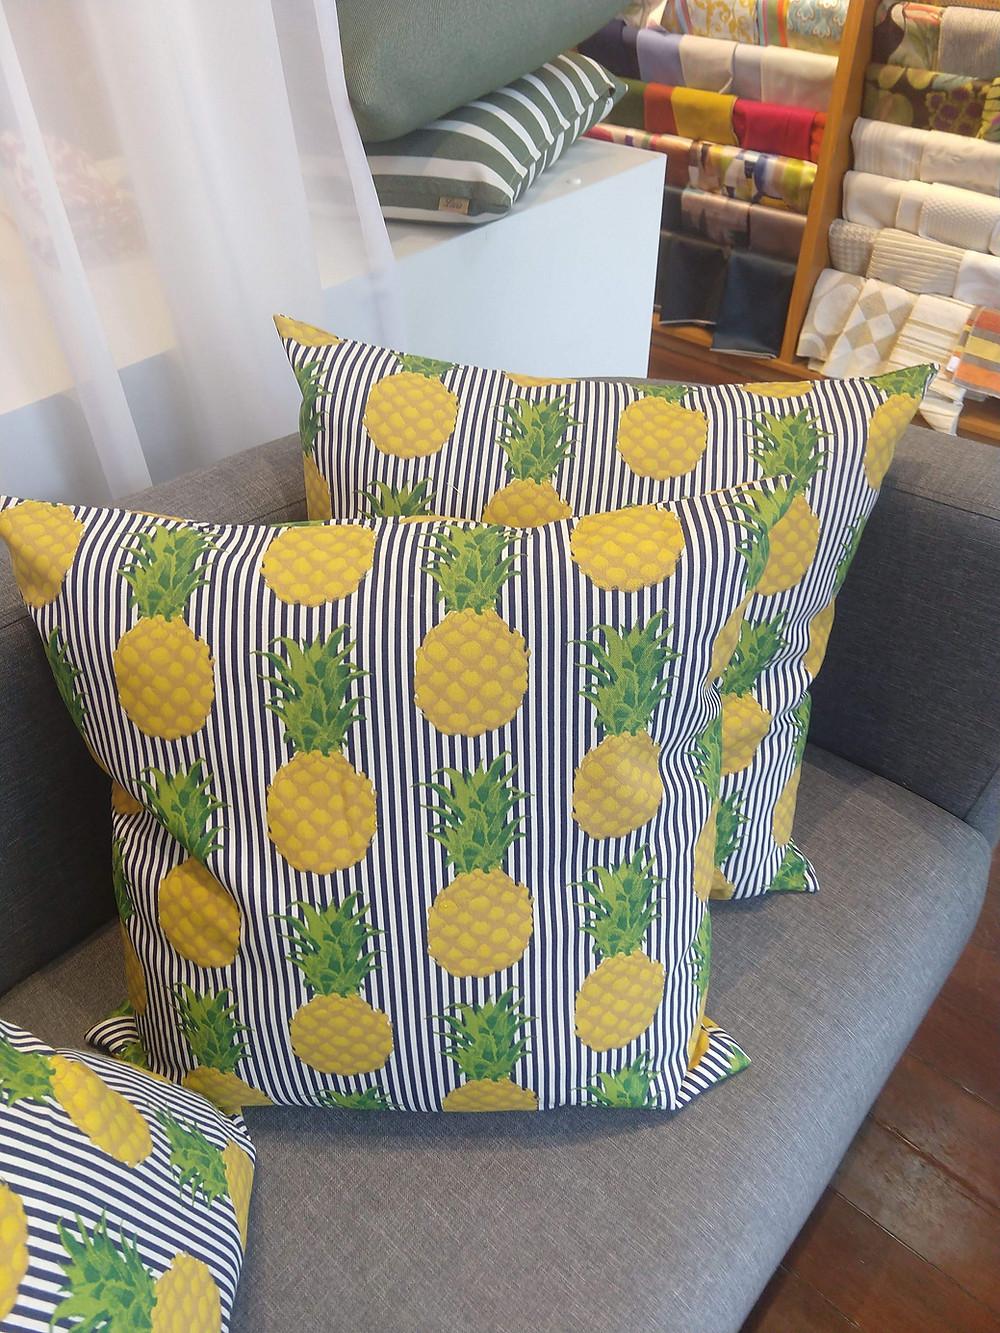 Almofadas estampa abacaxi.